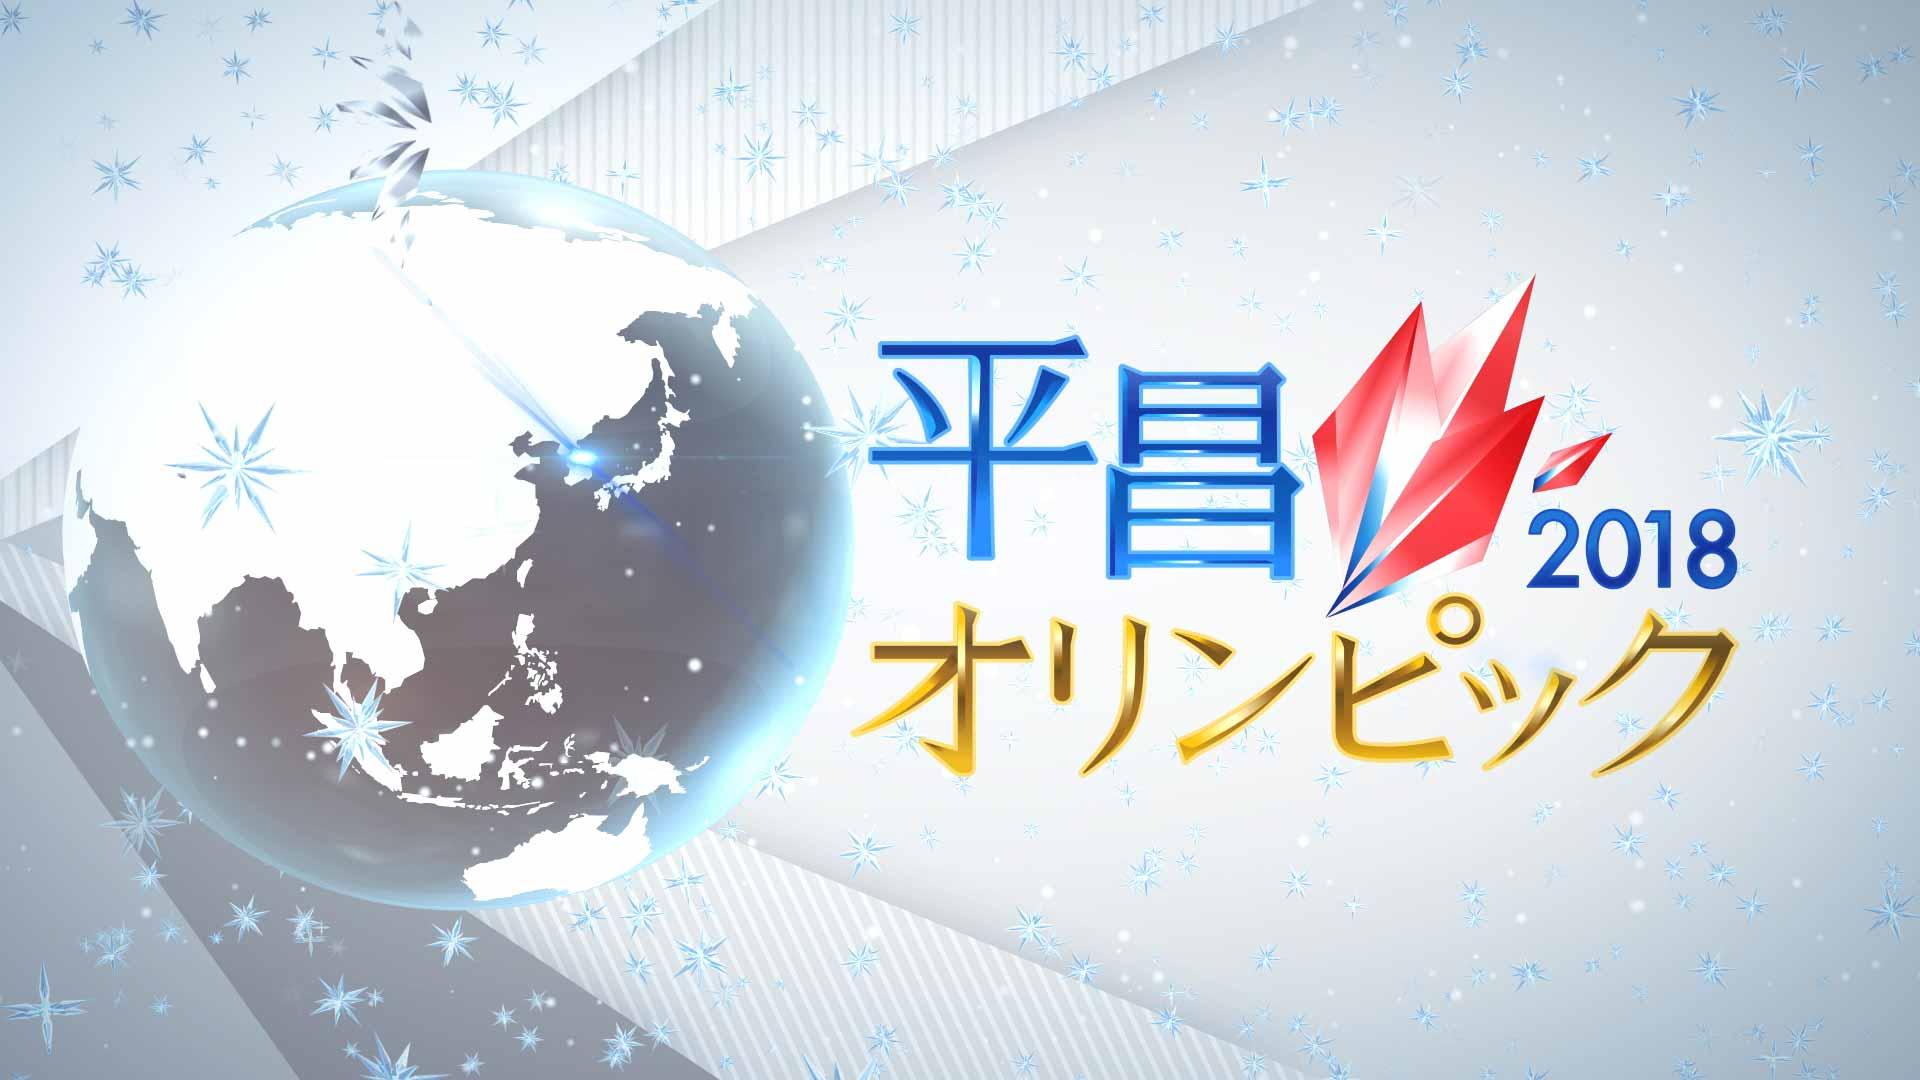 テレビ朝日「平昌オリンピック2018」